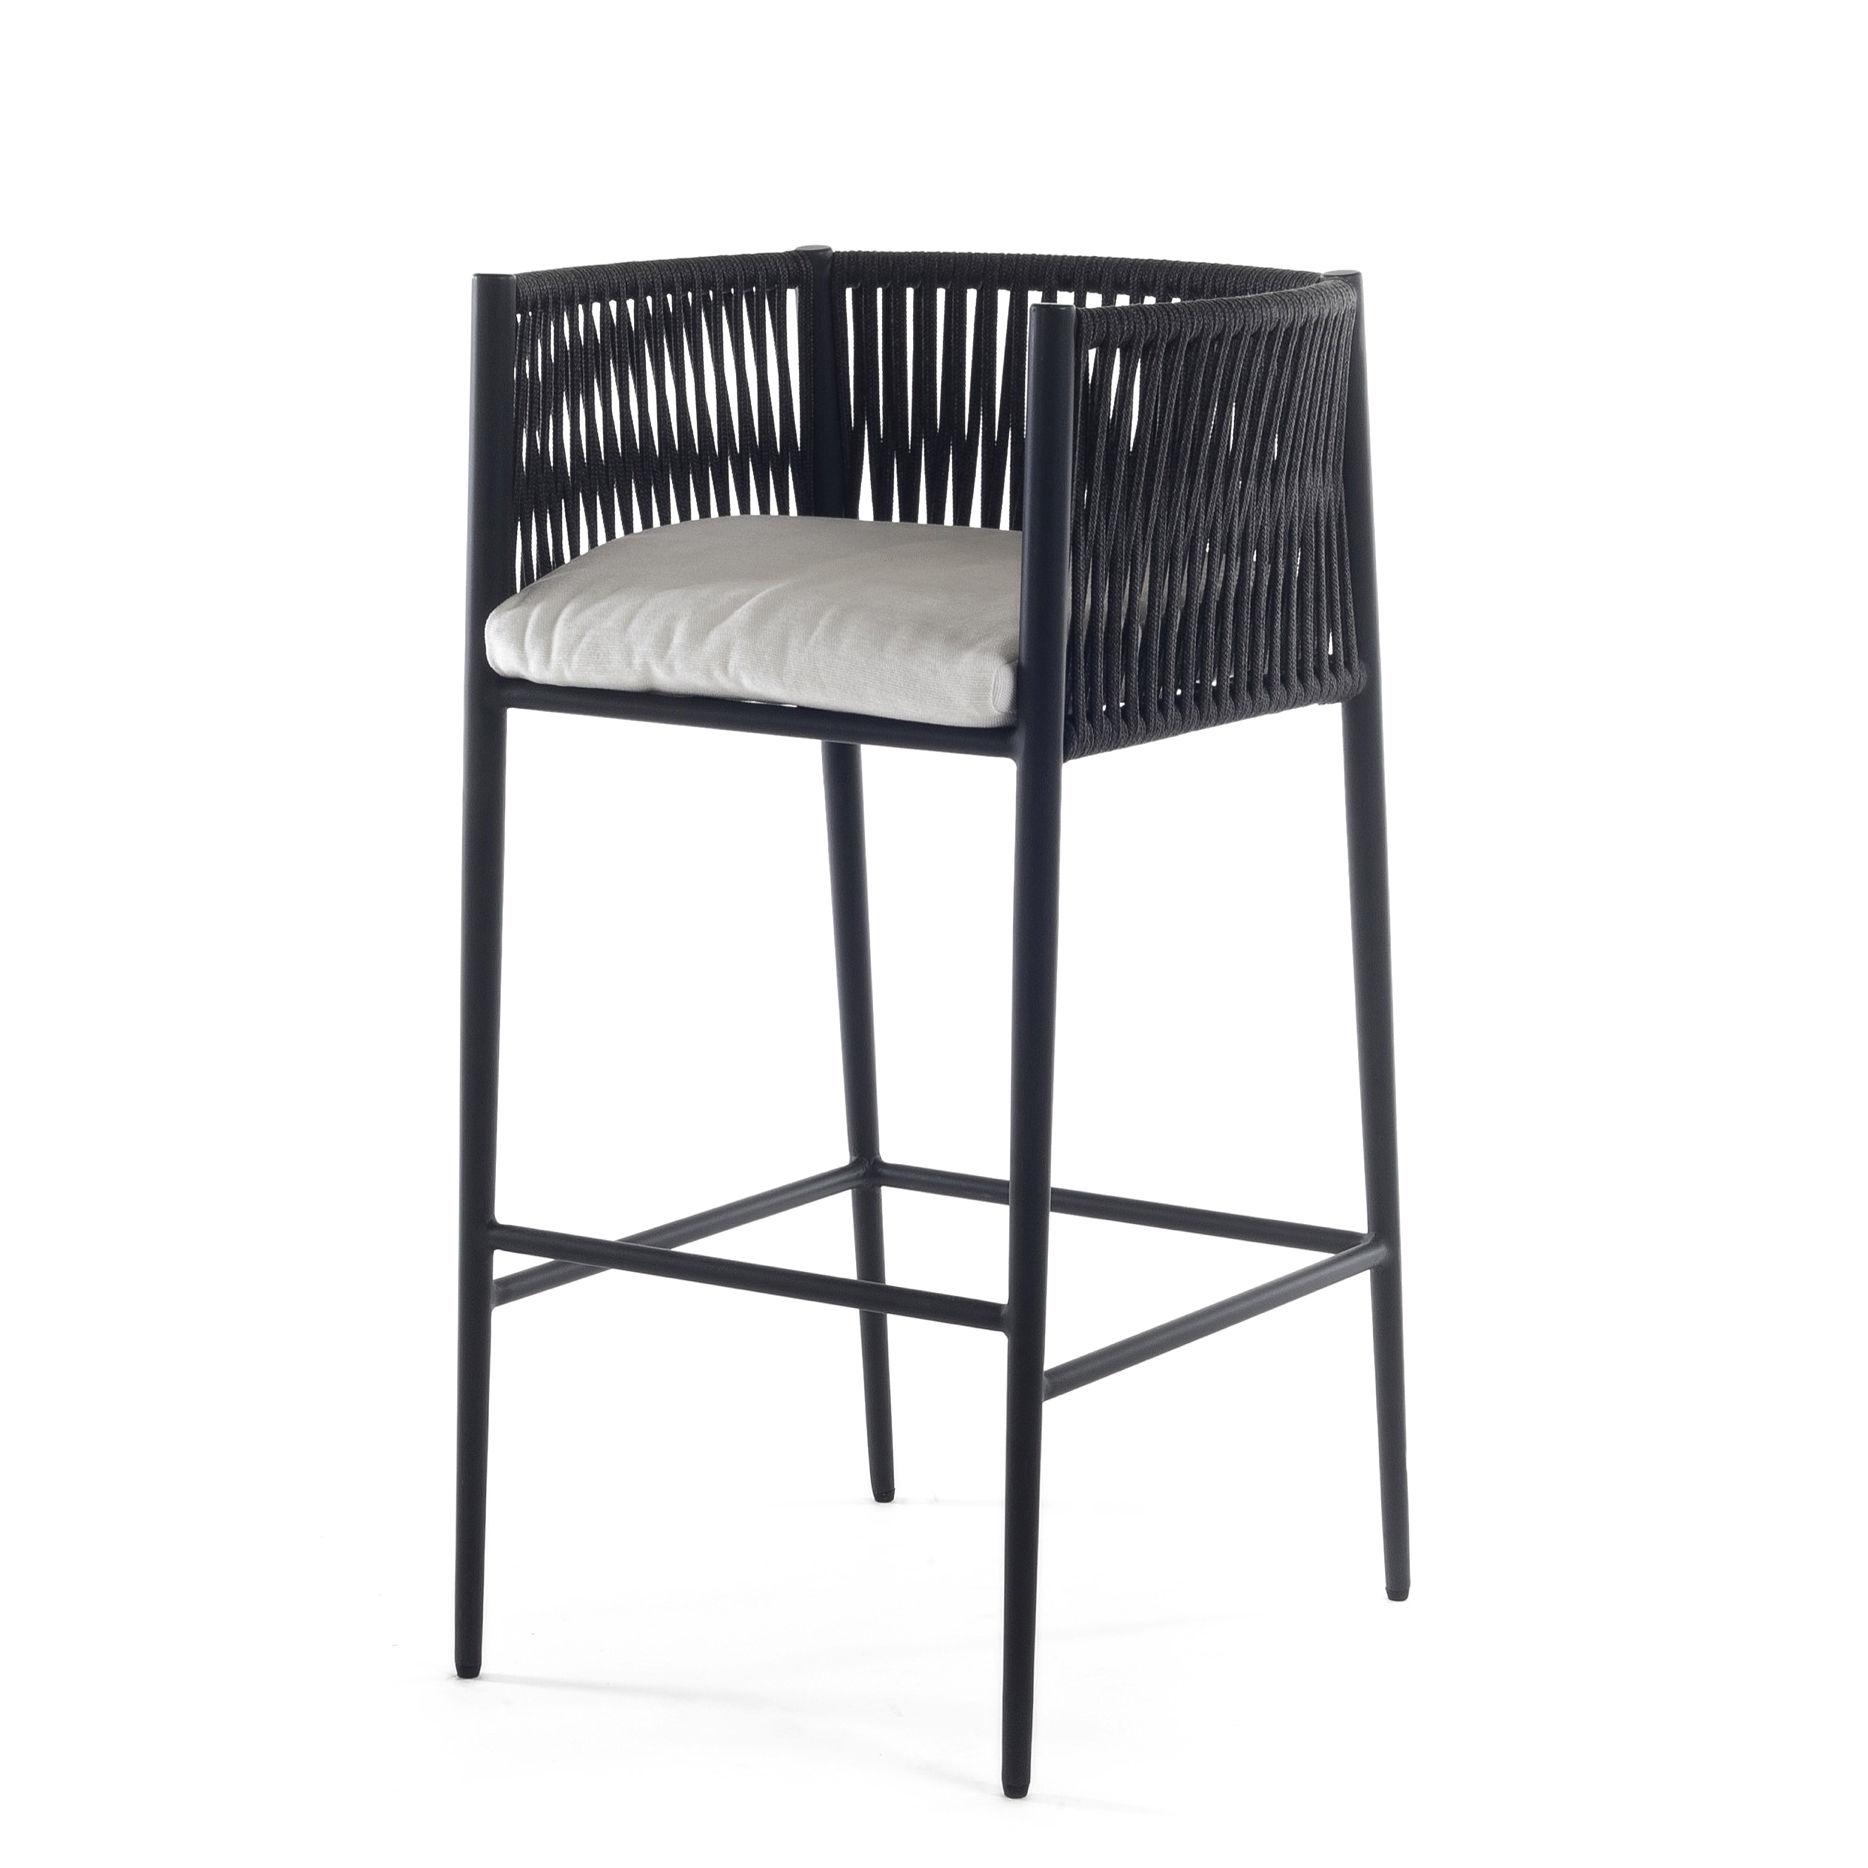 Mobilier - Tabourets de bar - Chaise haute Luce / H 66 cm - Avec coussin - Unopiu - Gris / Coussin blanc écru - Aluminium, Fibre synthétique, Mousse, Tissu acrylique